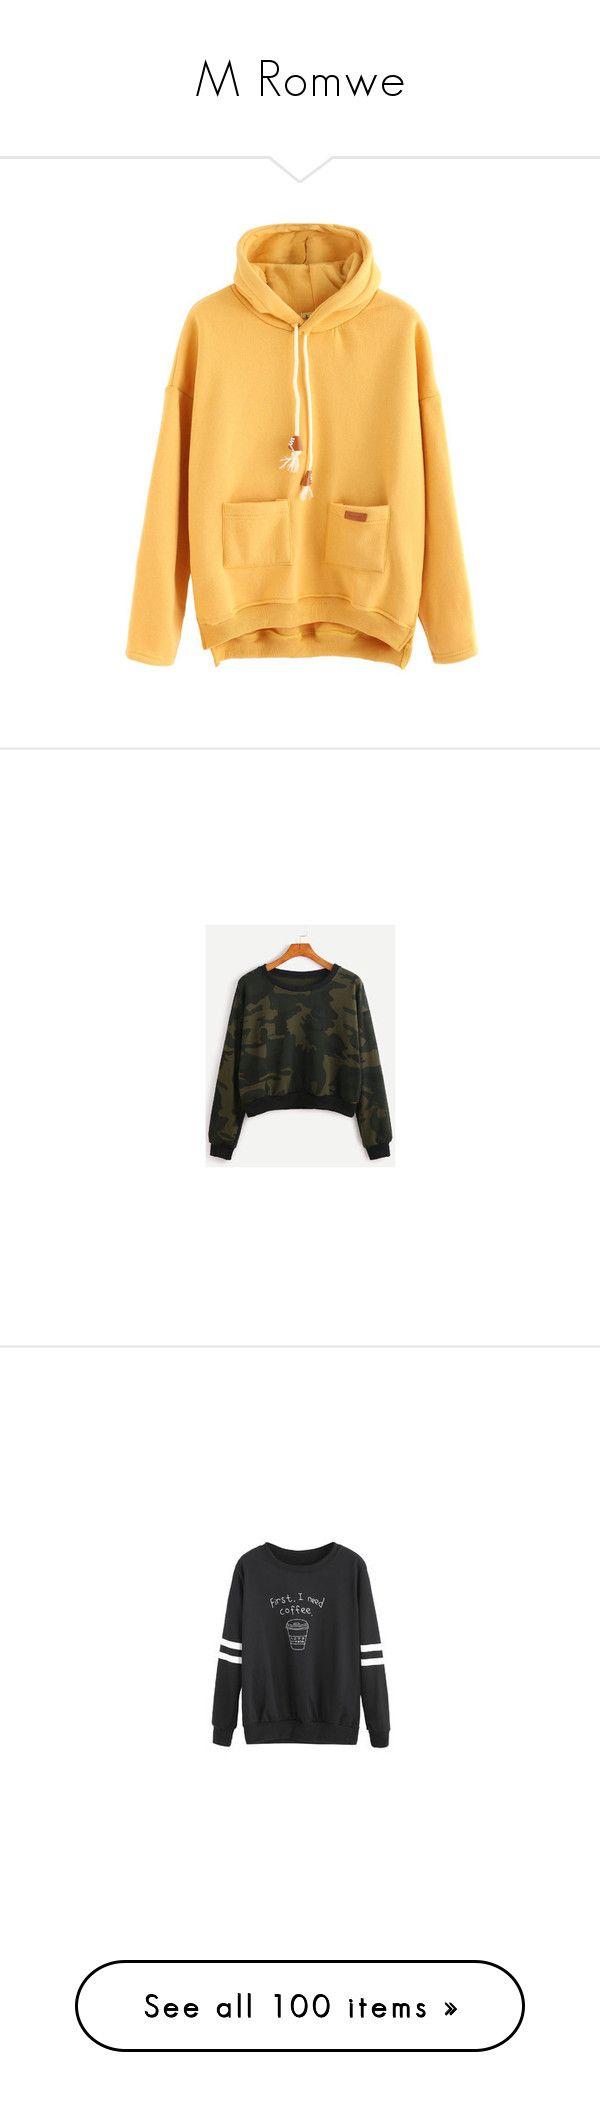 """""""M Romwe"""" by pocok01 ❤ liked on Polyvore featuring tops, hoodies, sweatshirt hoodies, yellow hoodie, yellow top, hooded sweatshirt, hooded pullover, sweatshirts, burgundy top and drop shoulder sweatshirt"""